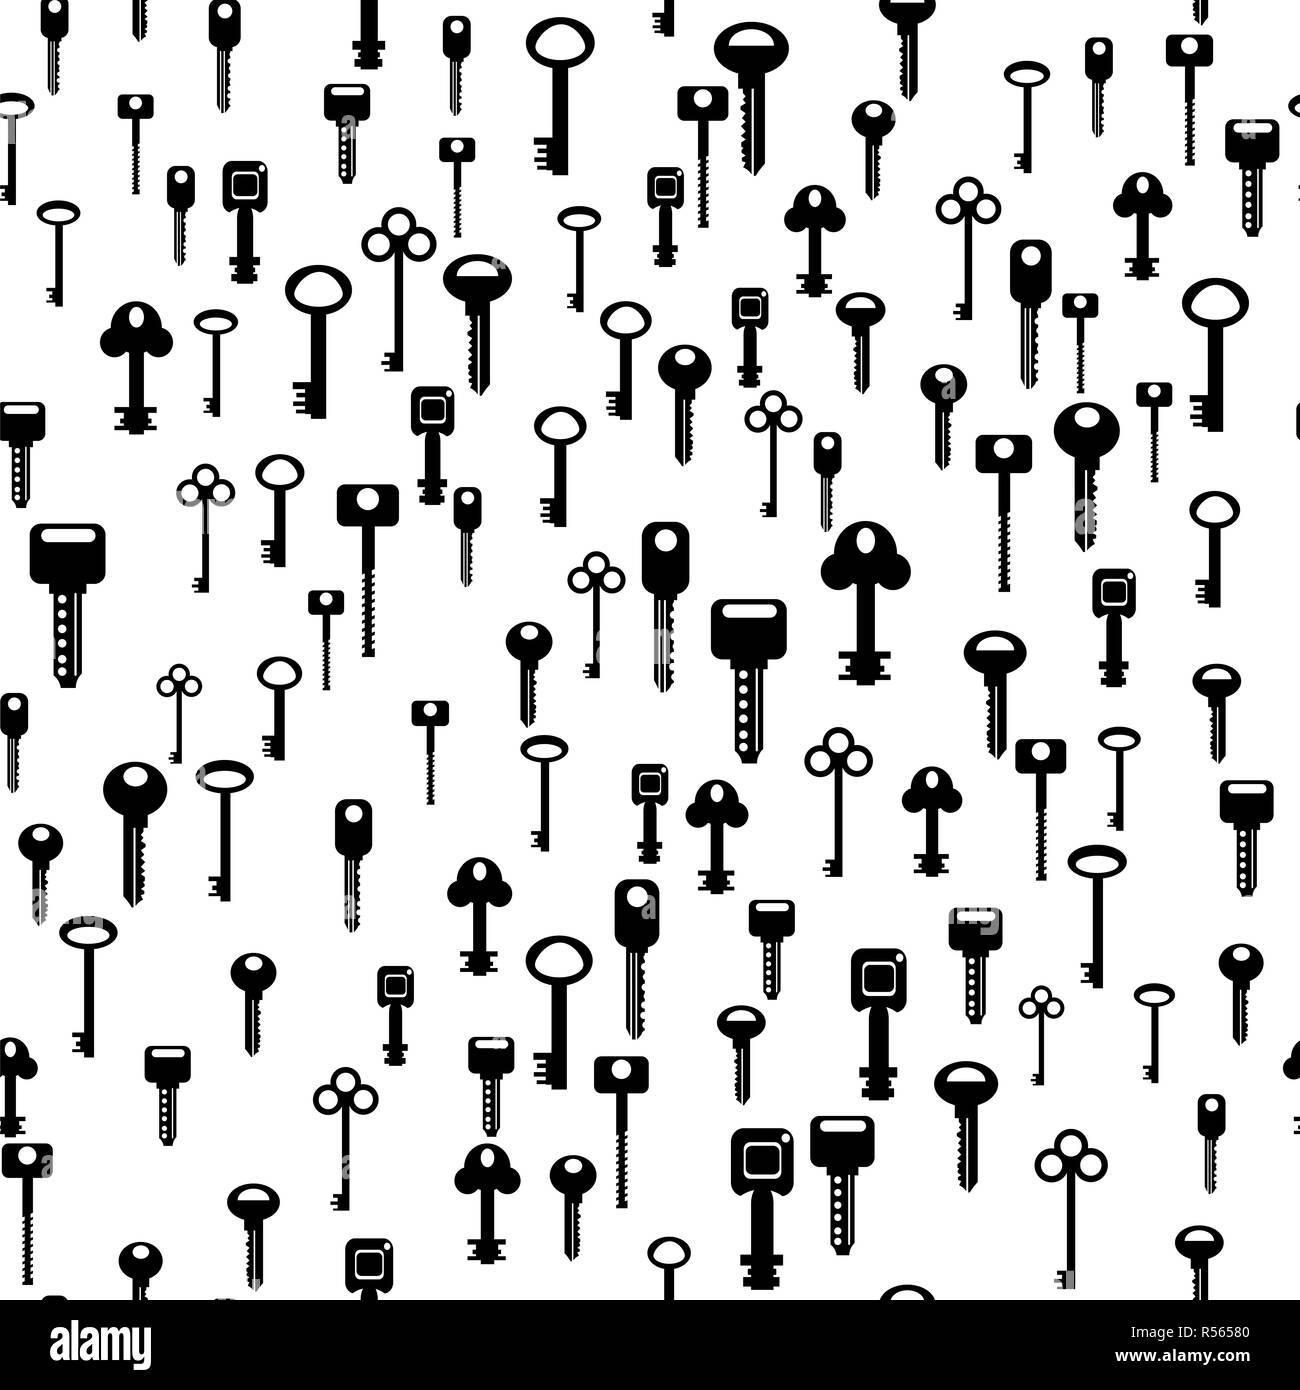 Seamless Key Pattern - Stock Image